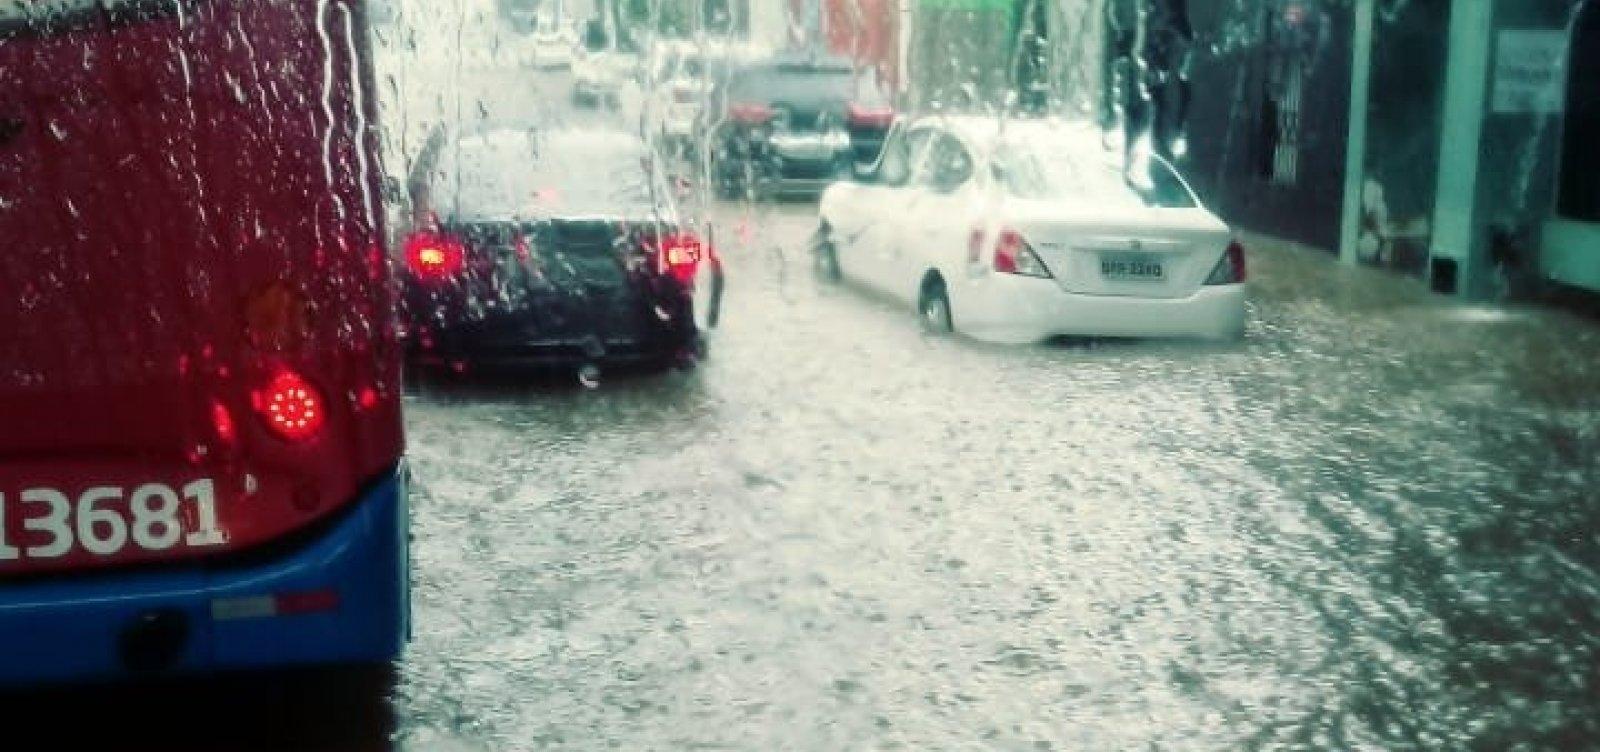 Chuva deixa Avenida Centenário alagada; confira vídeo